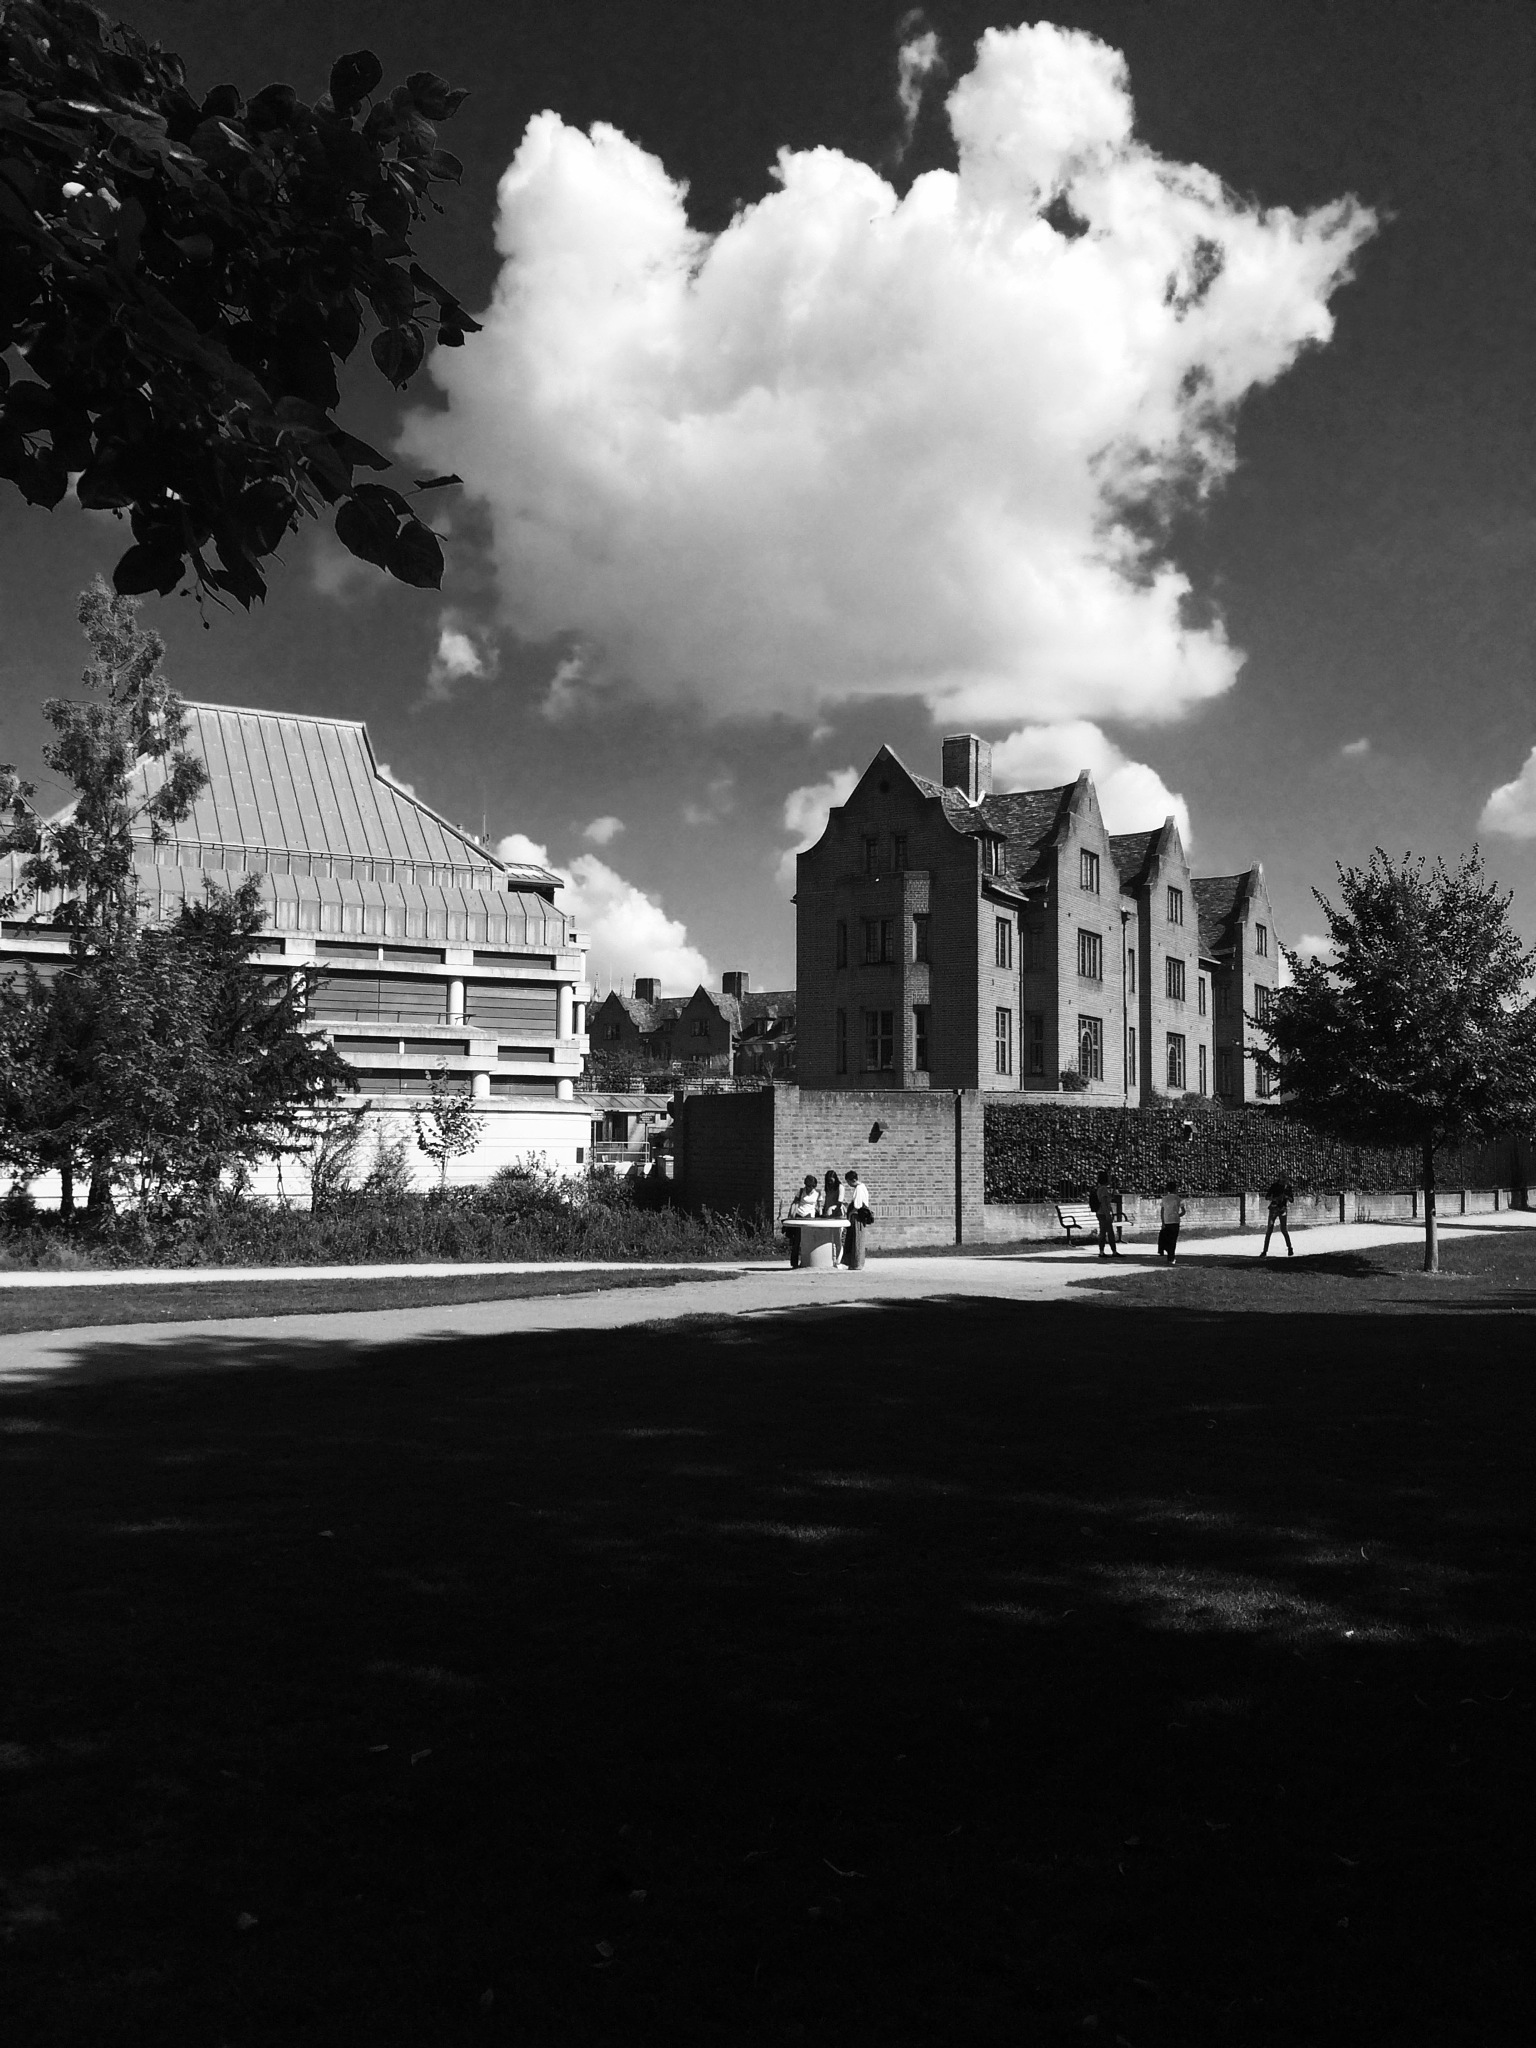 Queen College by Ian Haygreen